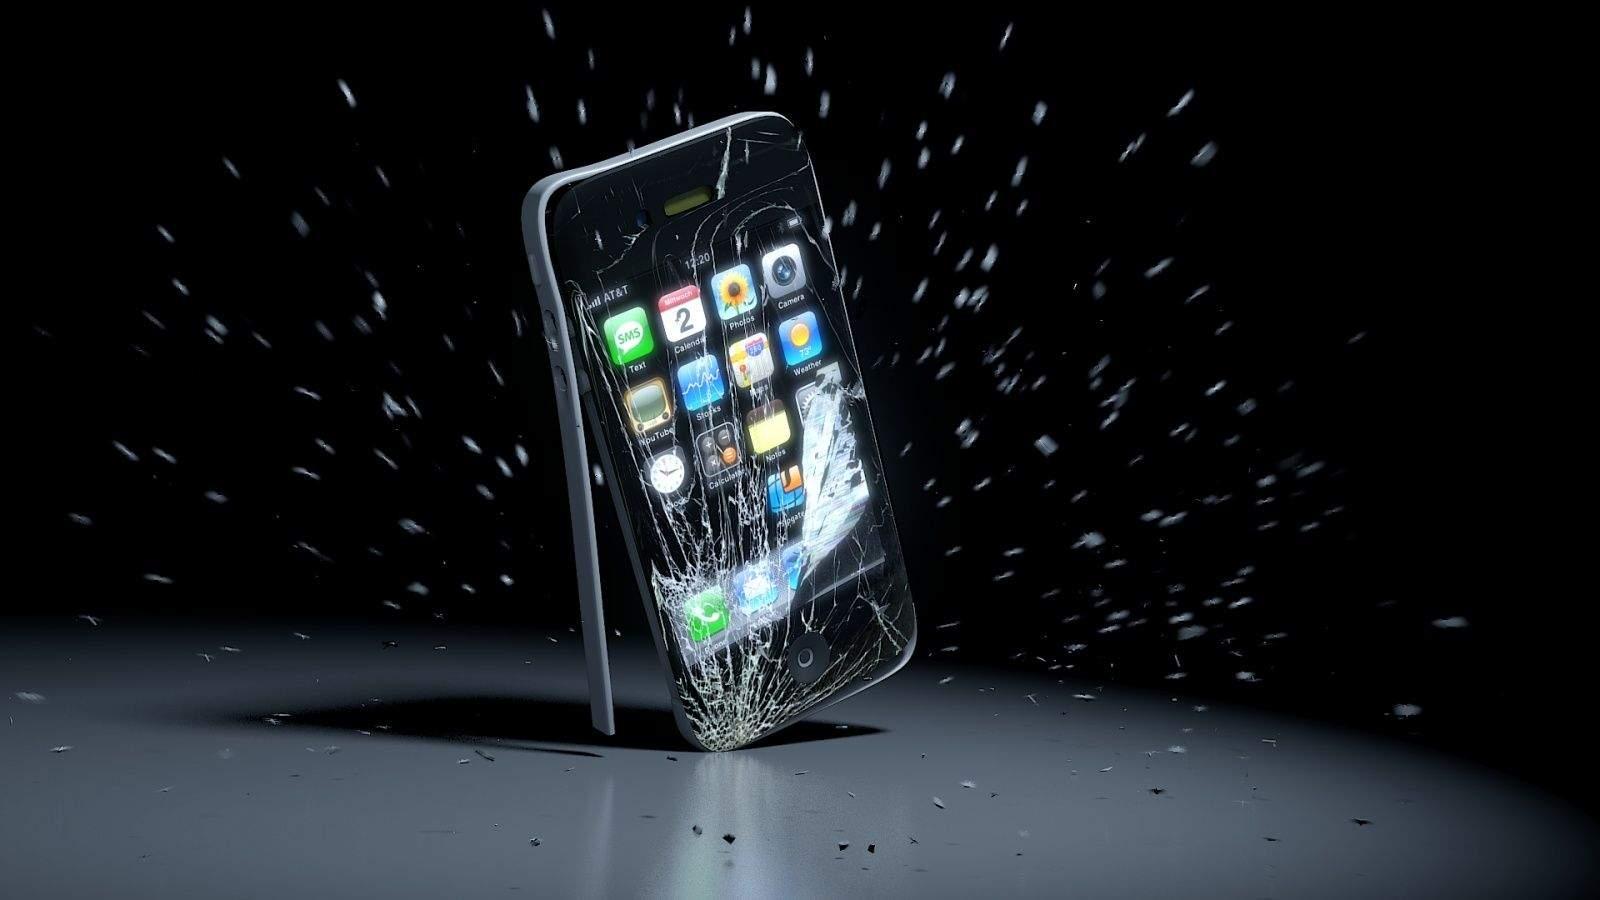 Seguro de celular: donos de iPhone são maioria, com 54% dos contratos